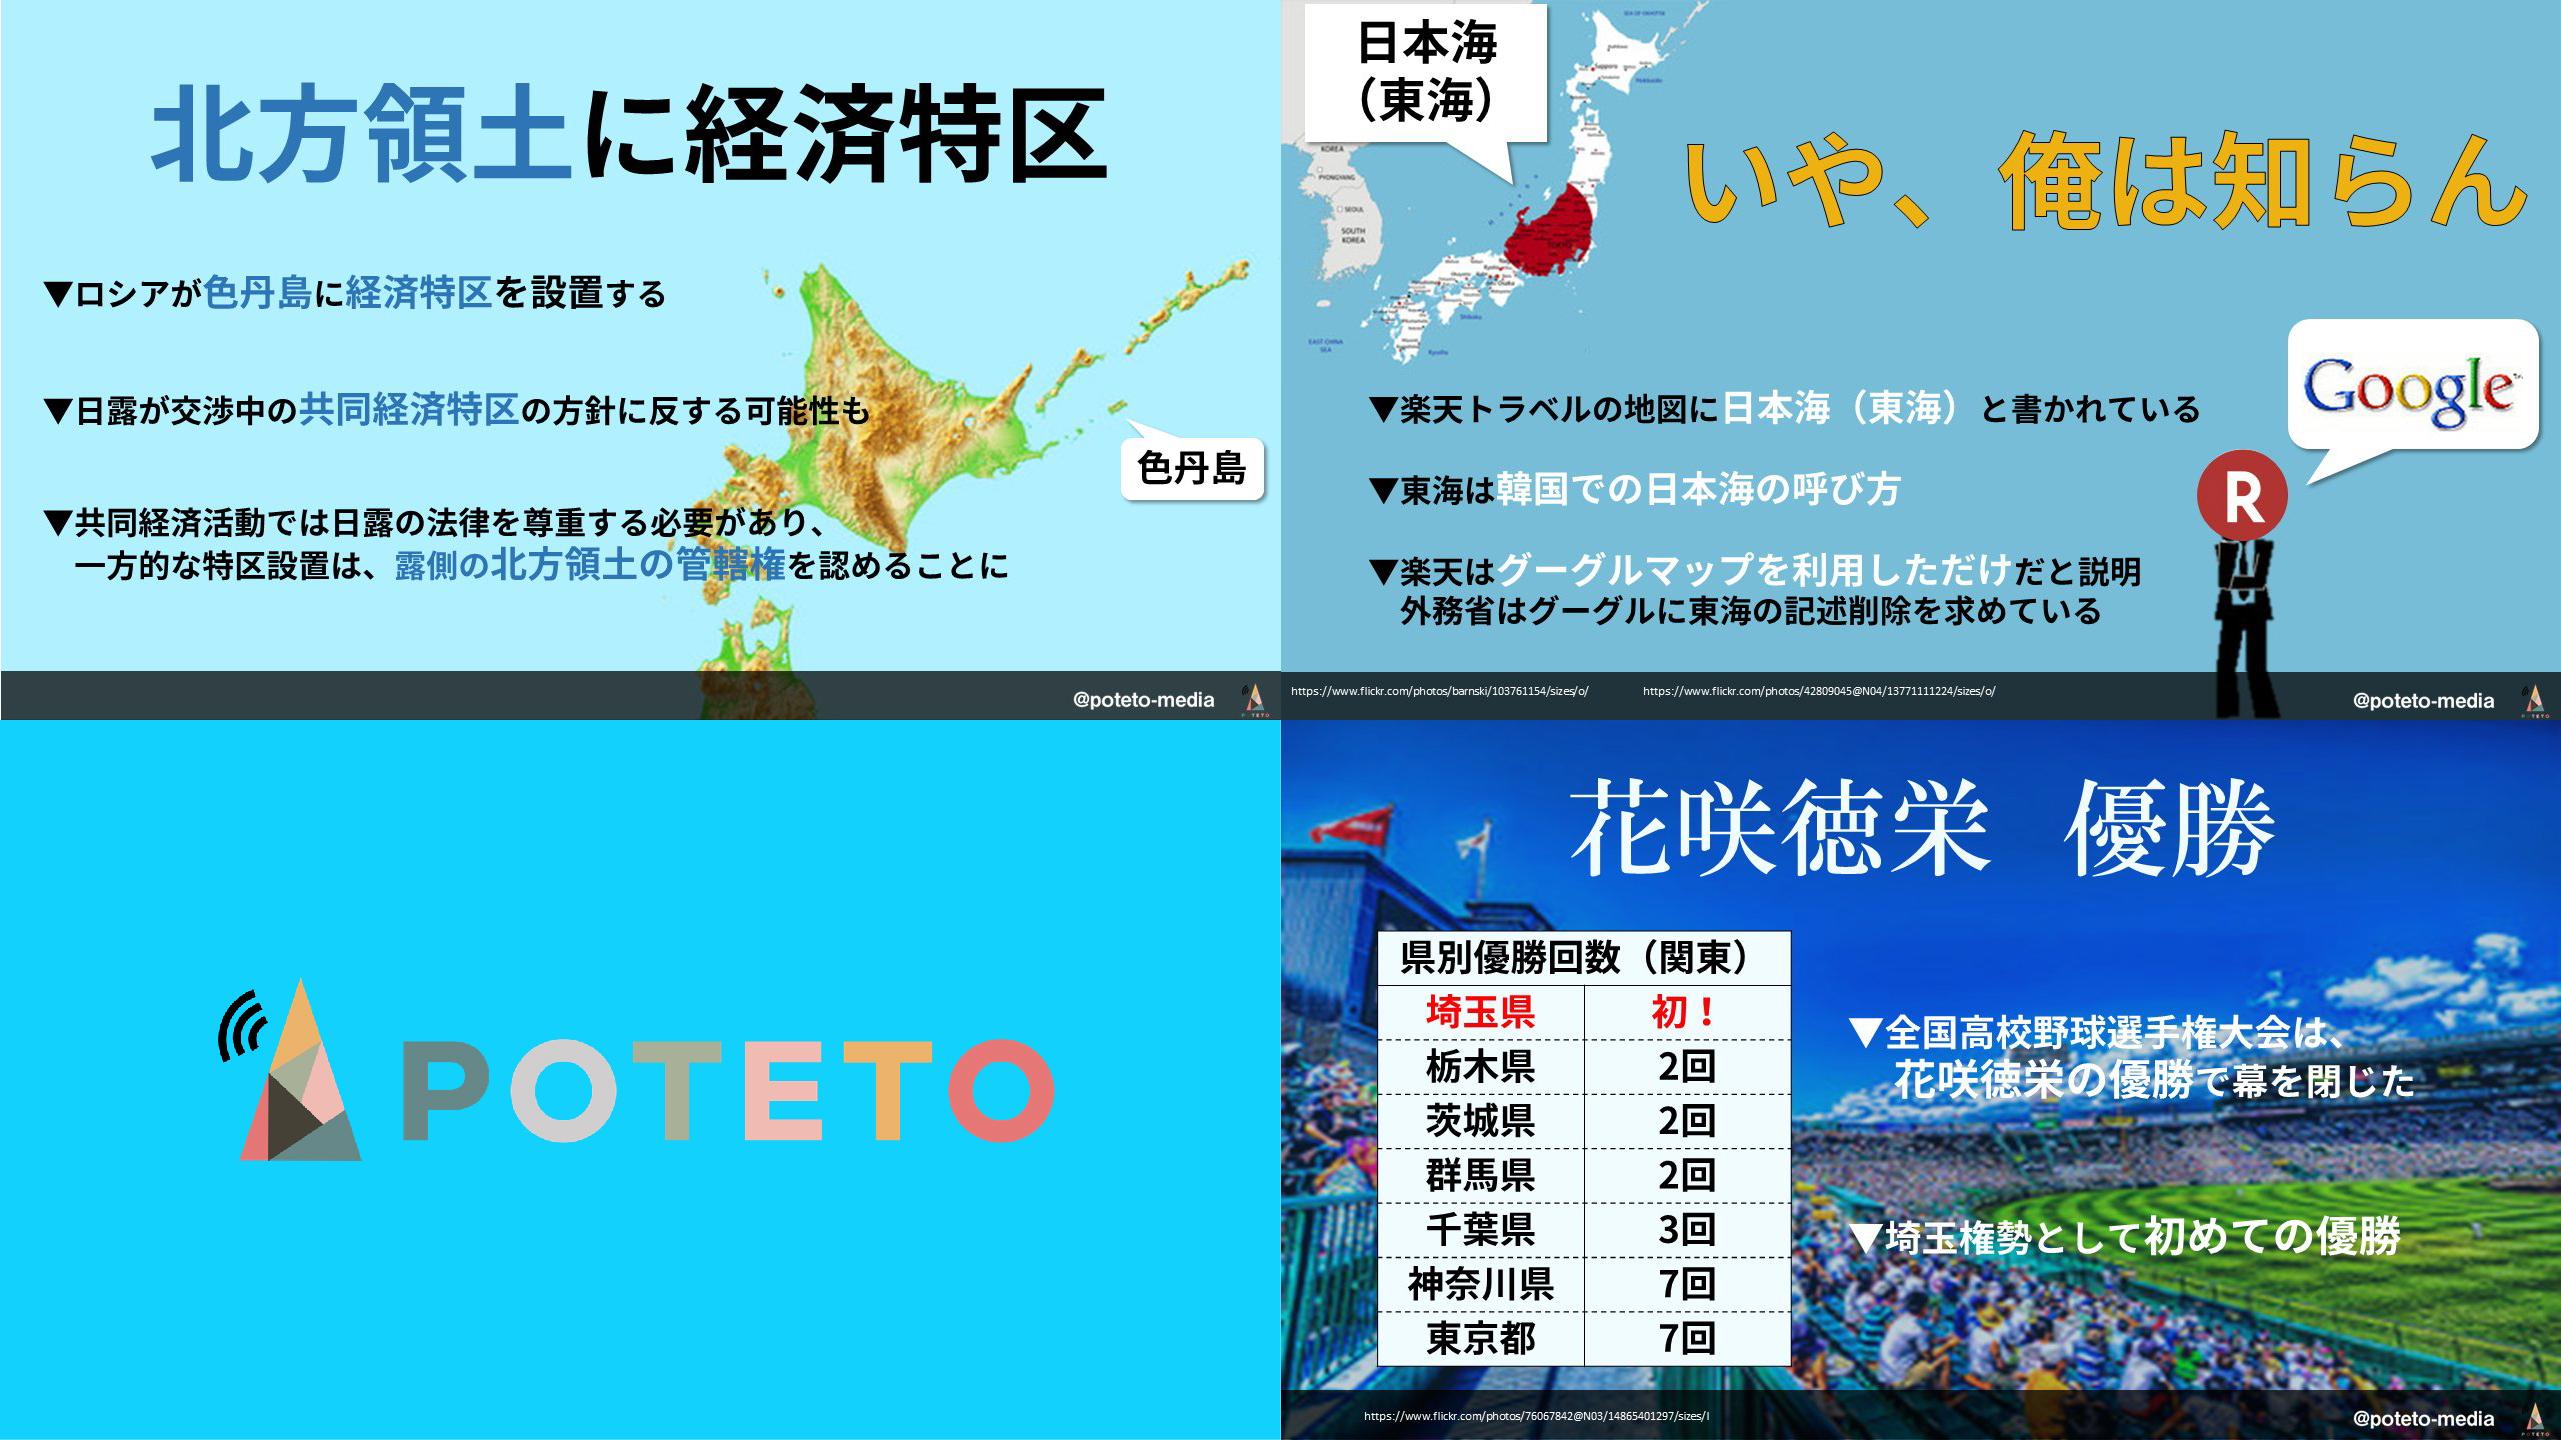 20170824 - 2017.08.24<br>産経新聞のイチメンニュース